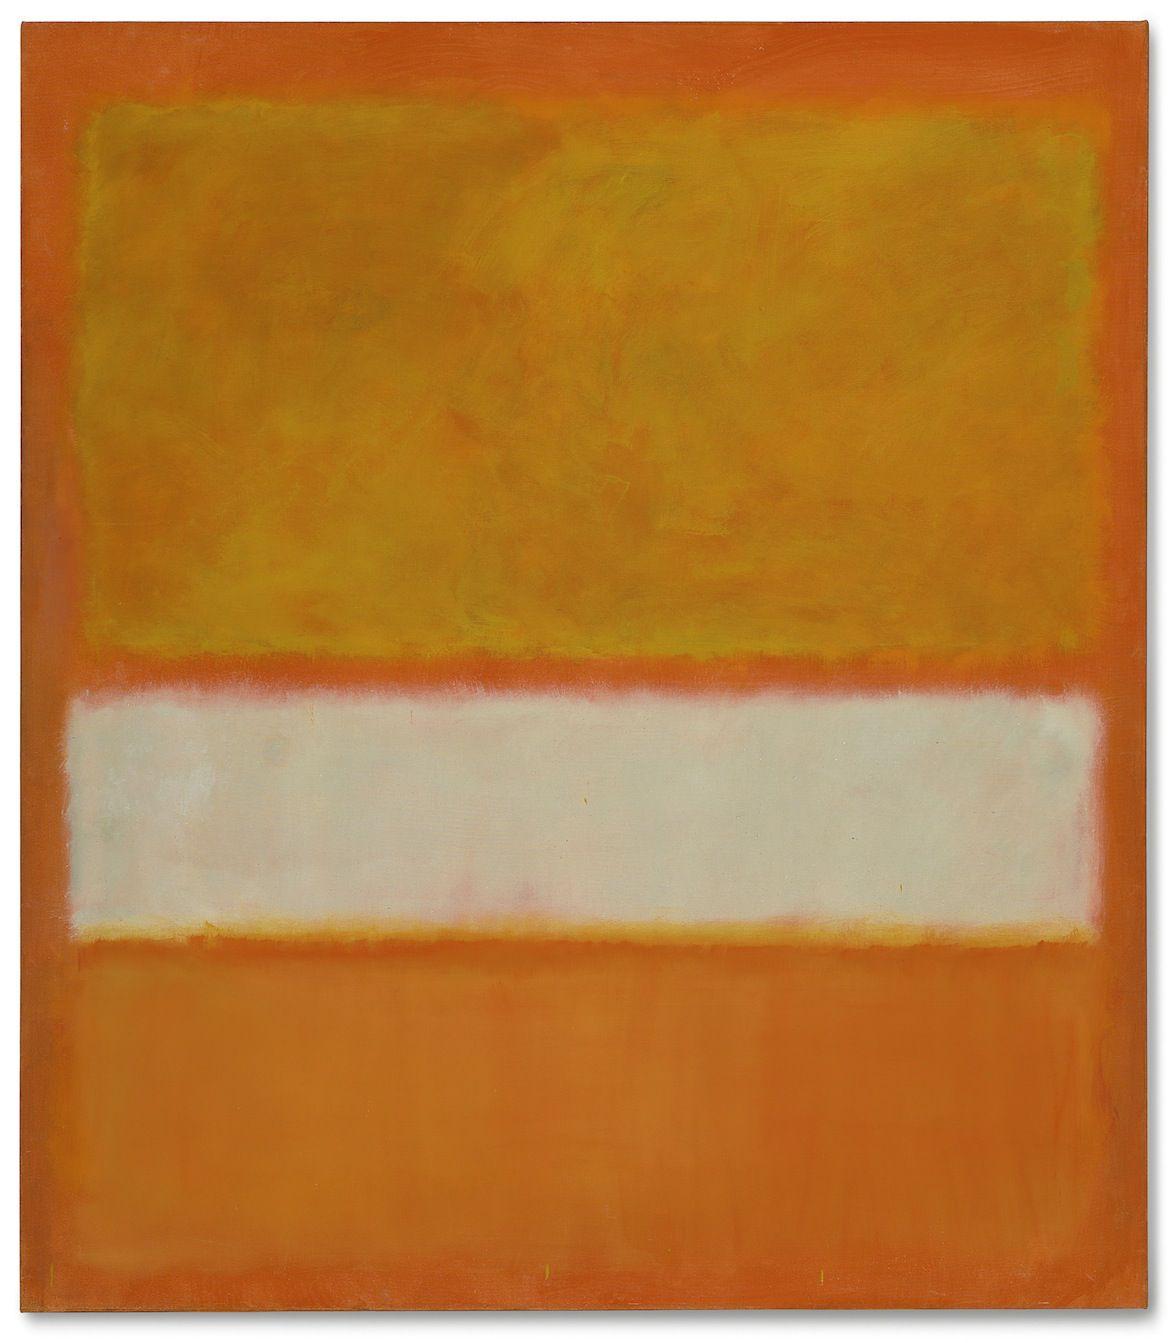 Mark Rothko - Untitled (No. 11)